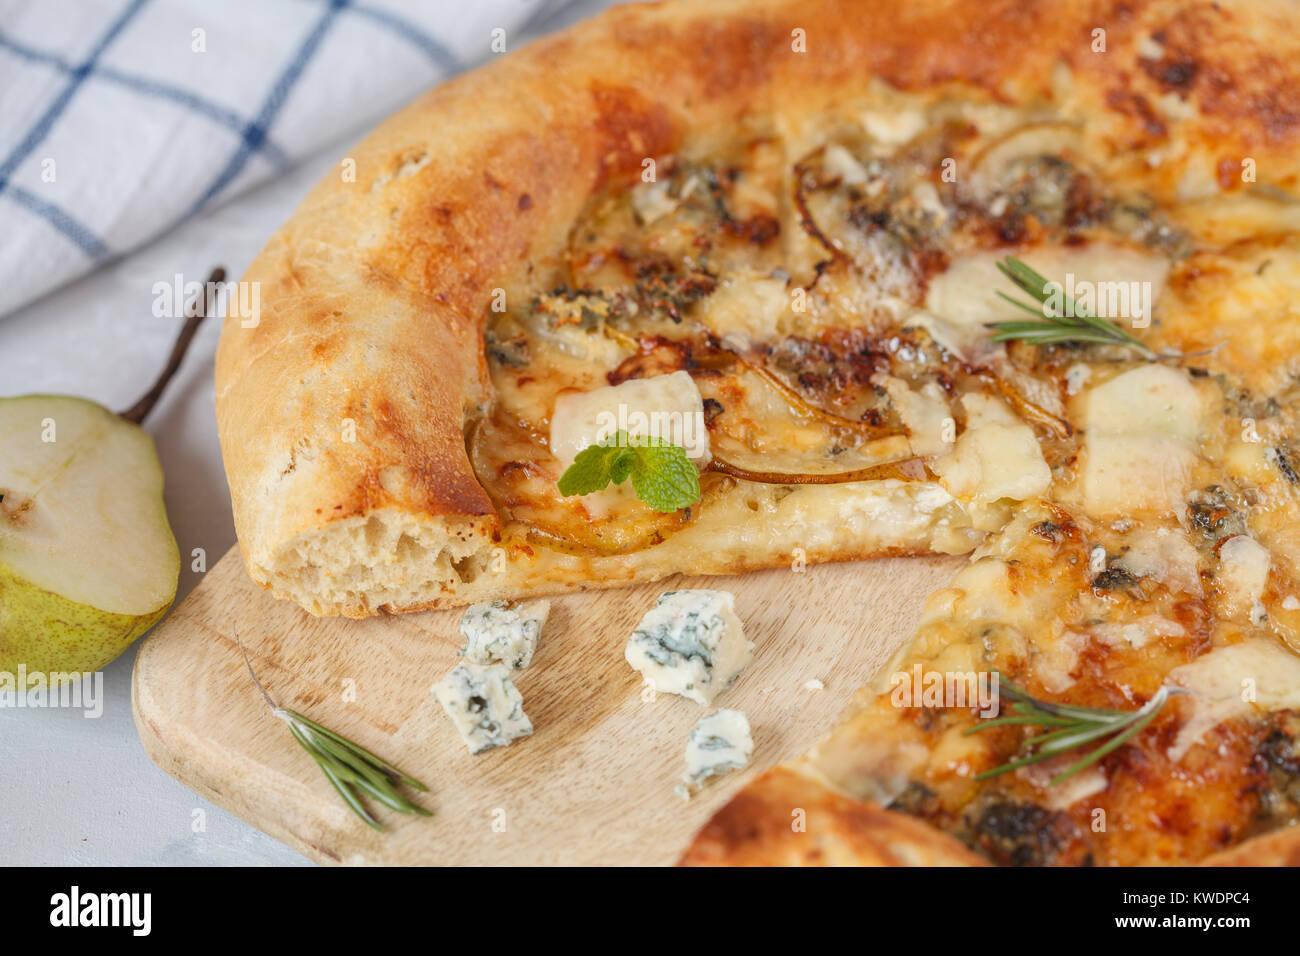 Sex delicous pizza à la poire et au fromage bleu sur planche de bois. Concept d'aliments sains végétariens, Photo Stock